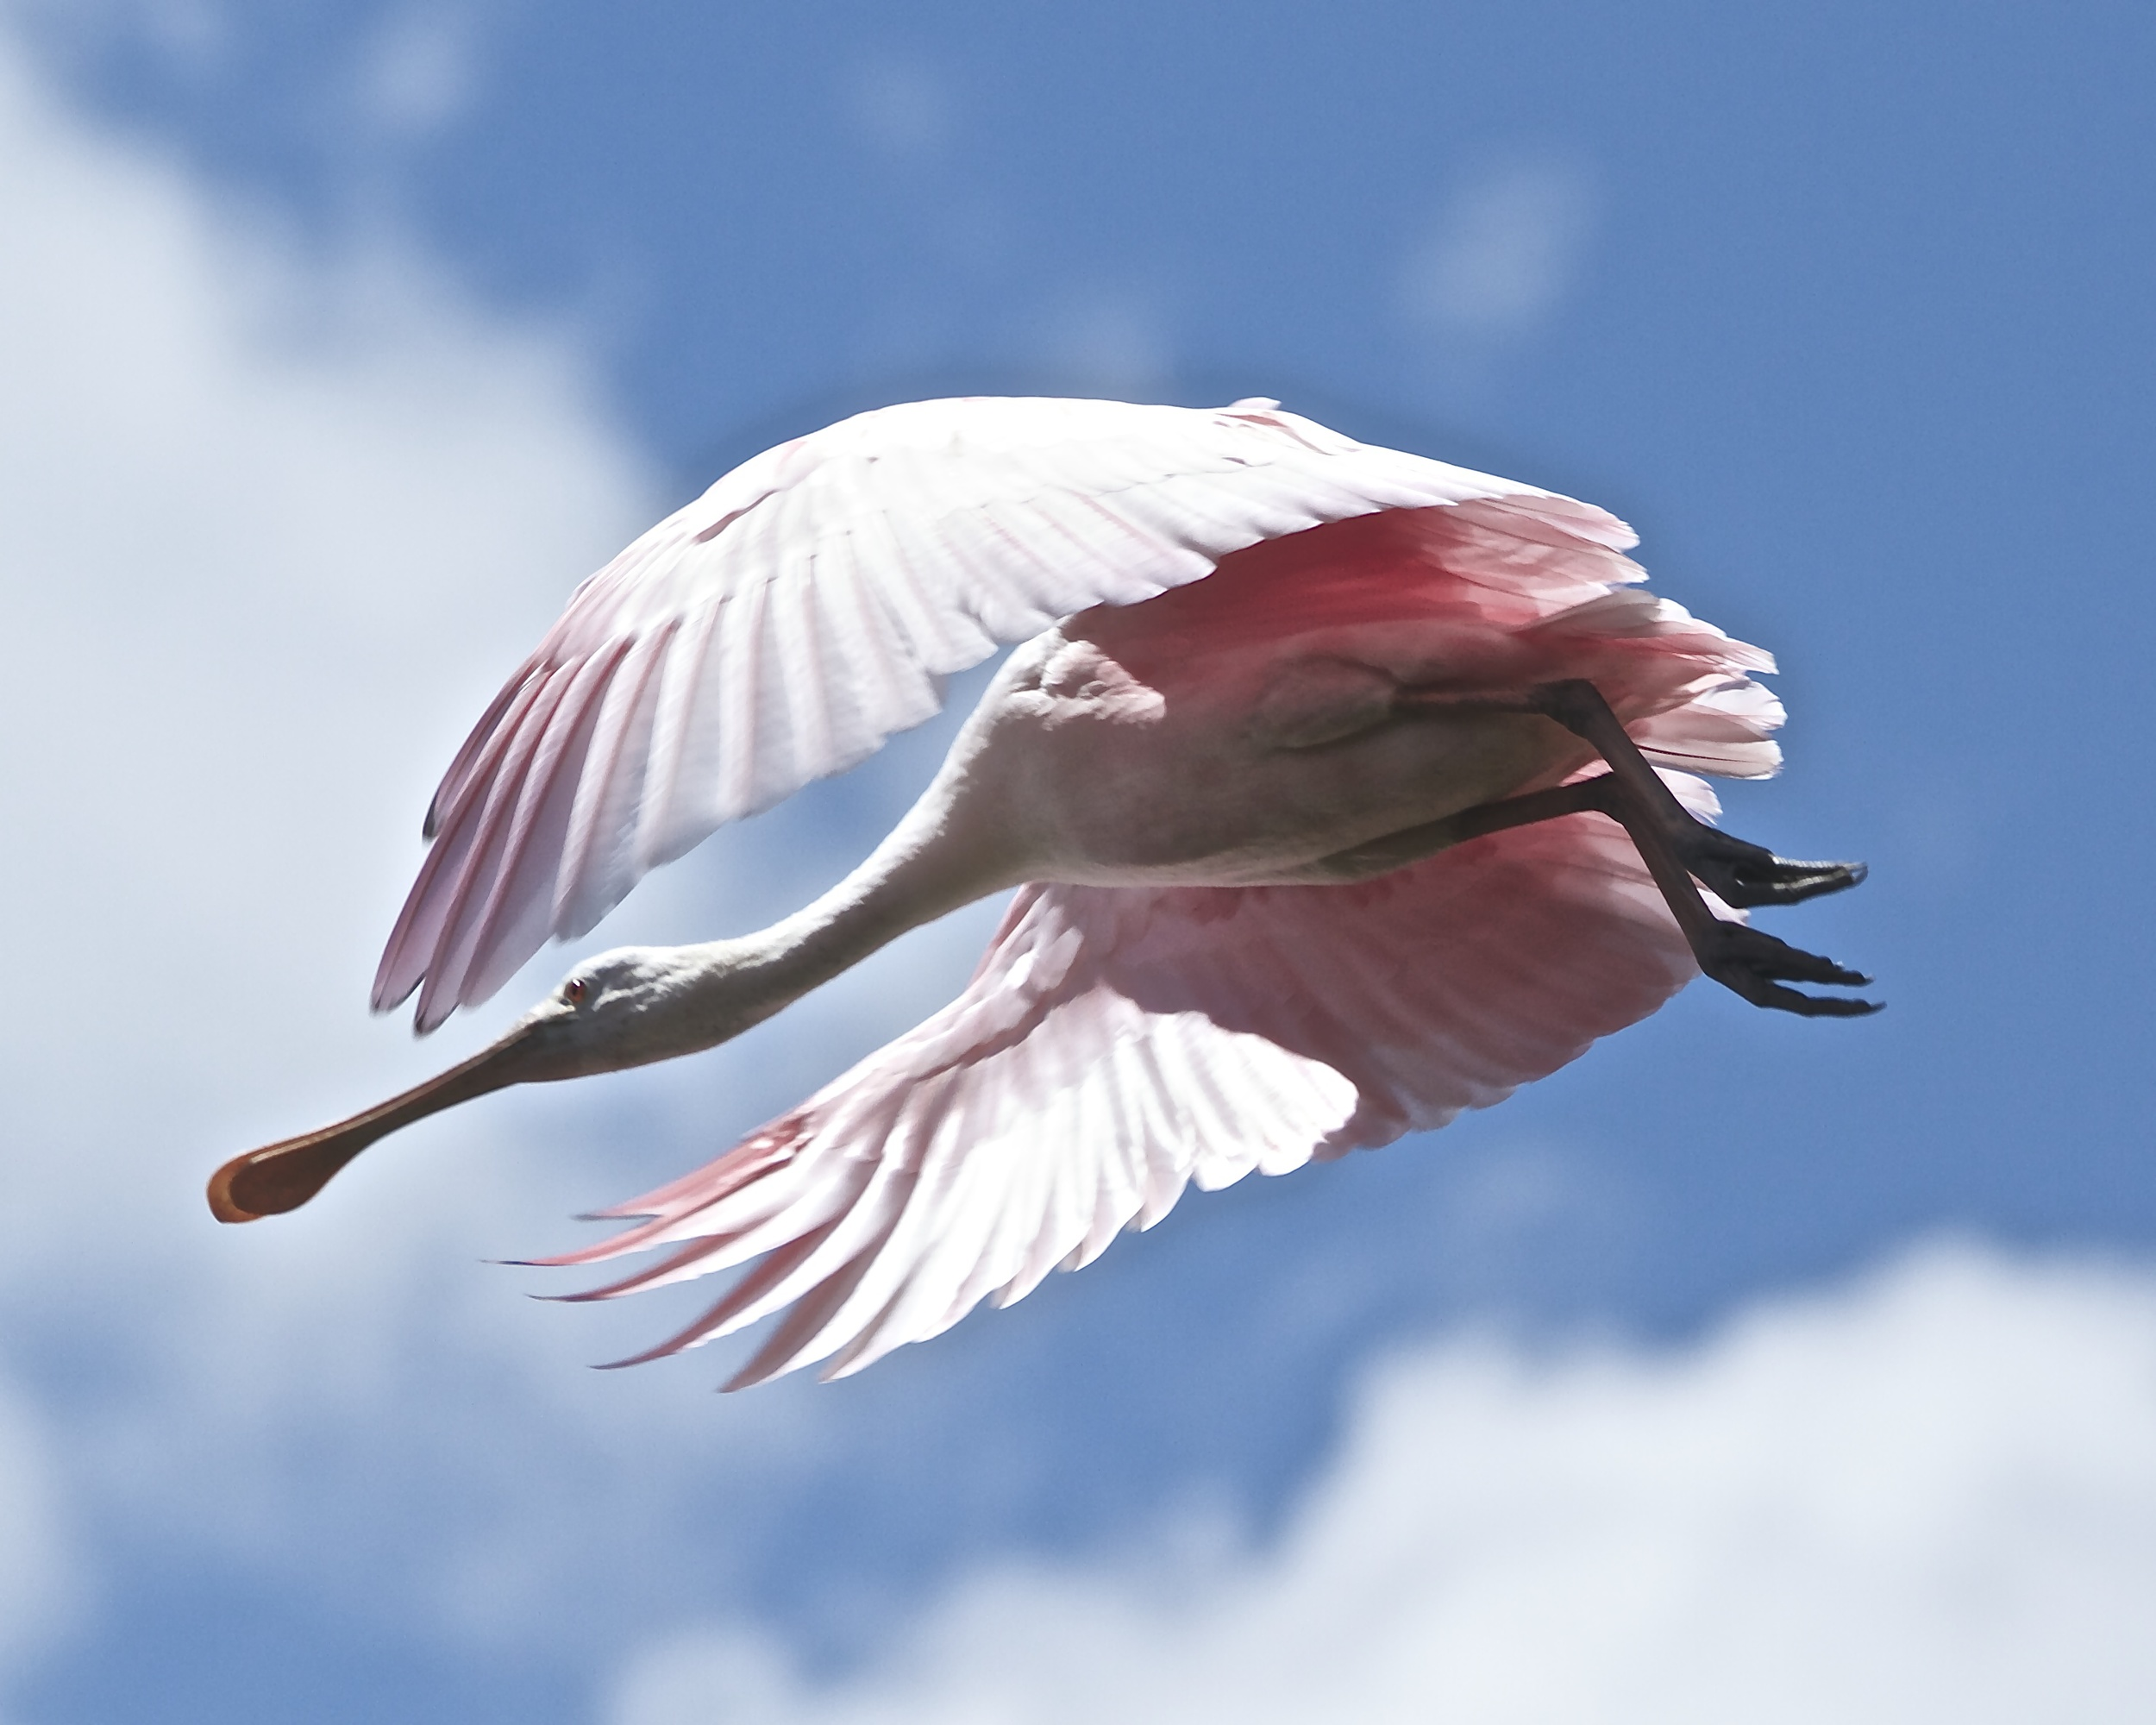 Pink Angel in flight.